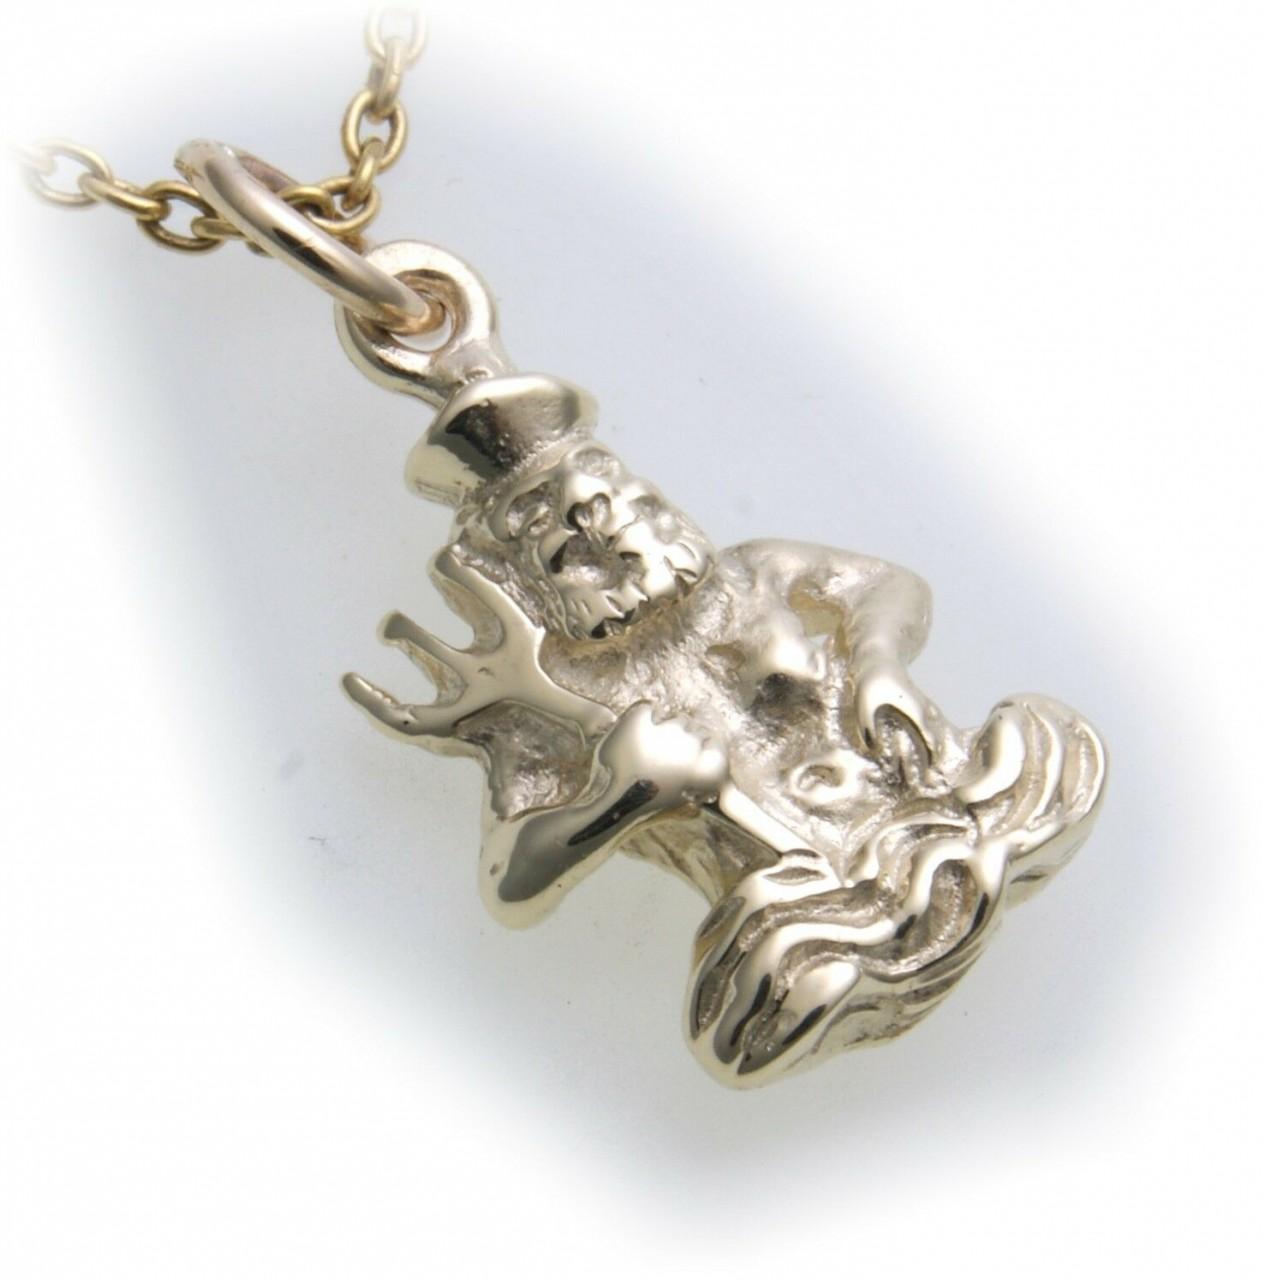 Anhänger Sternzeichen Wassermann Sterling Silber 925 Tierkreiszeichen Horoskop